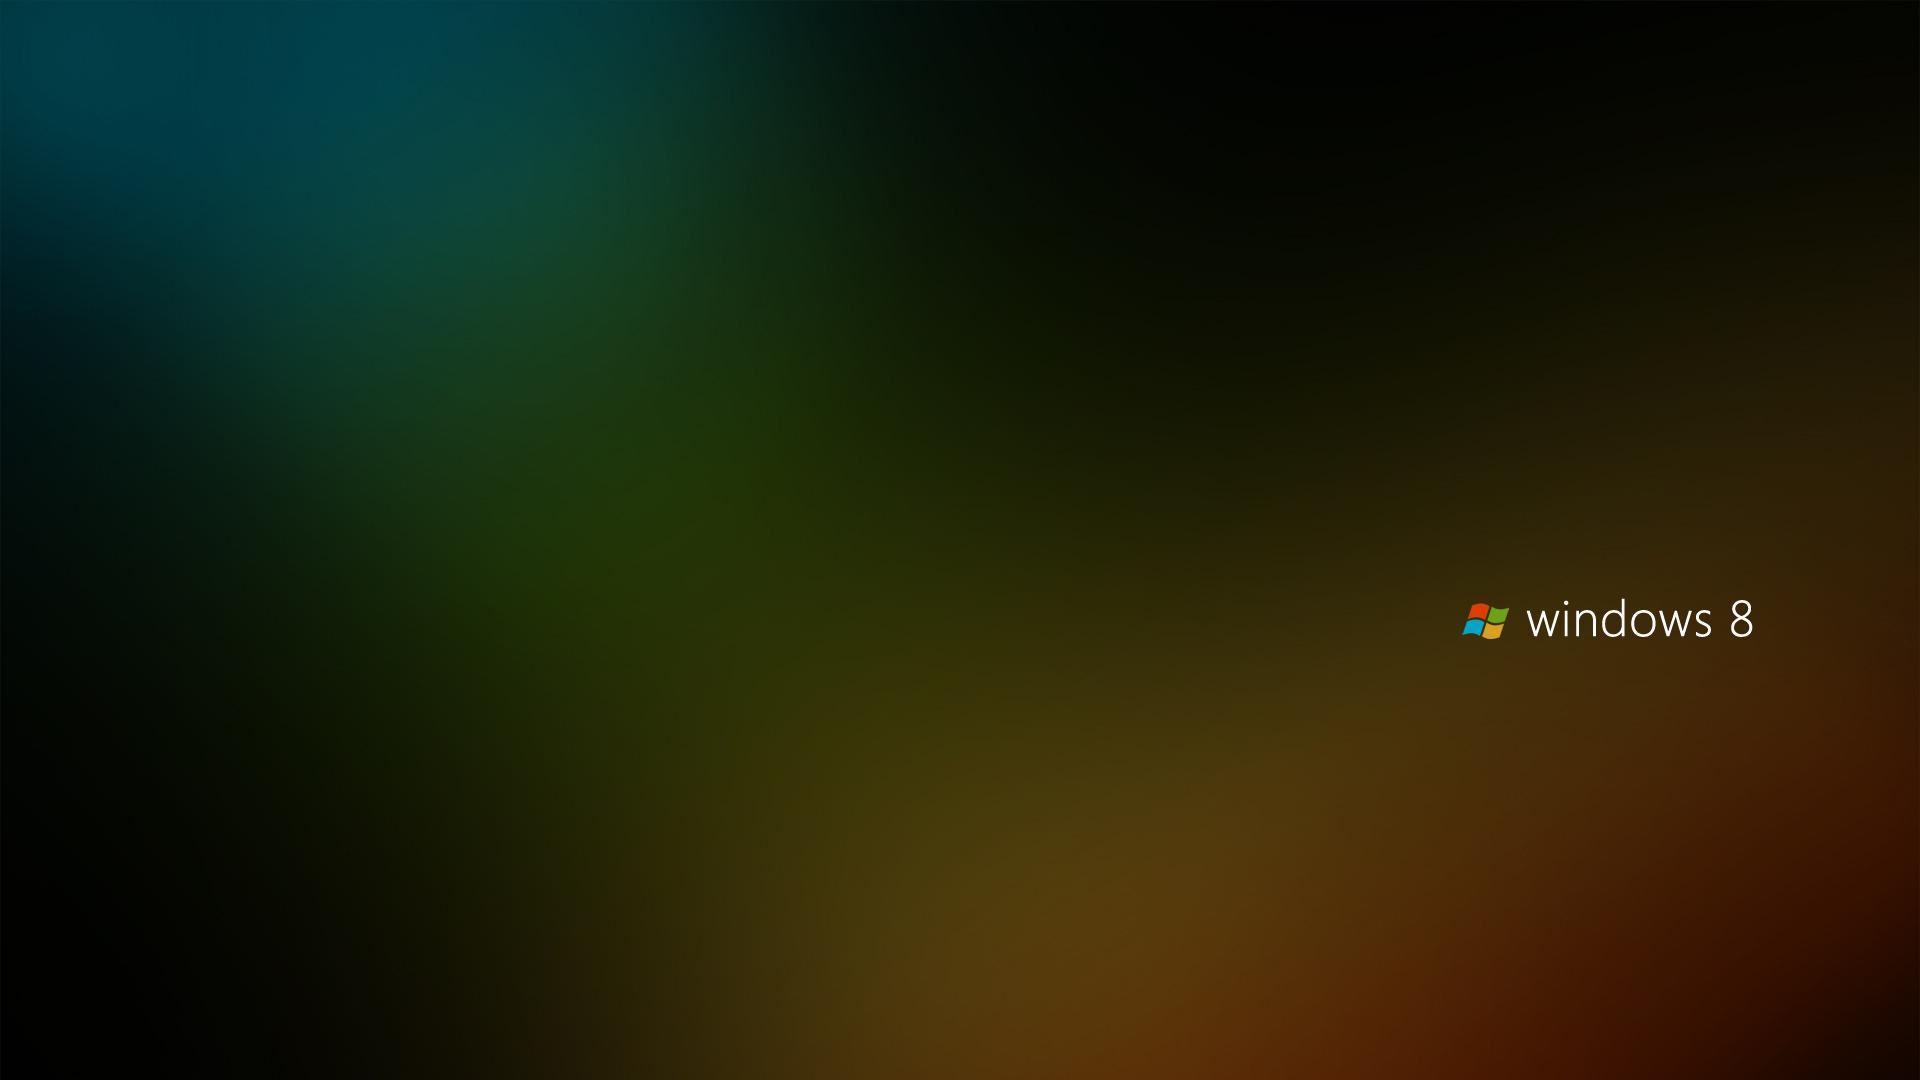 Windows 8 Wallpaper Full HD Wallpicshd 1920x1080